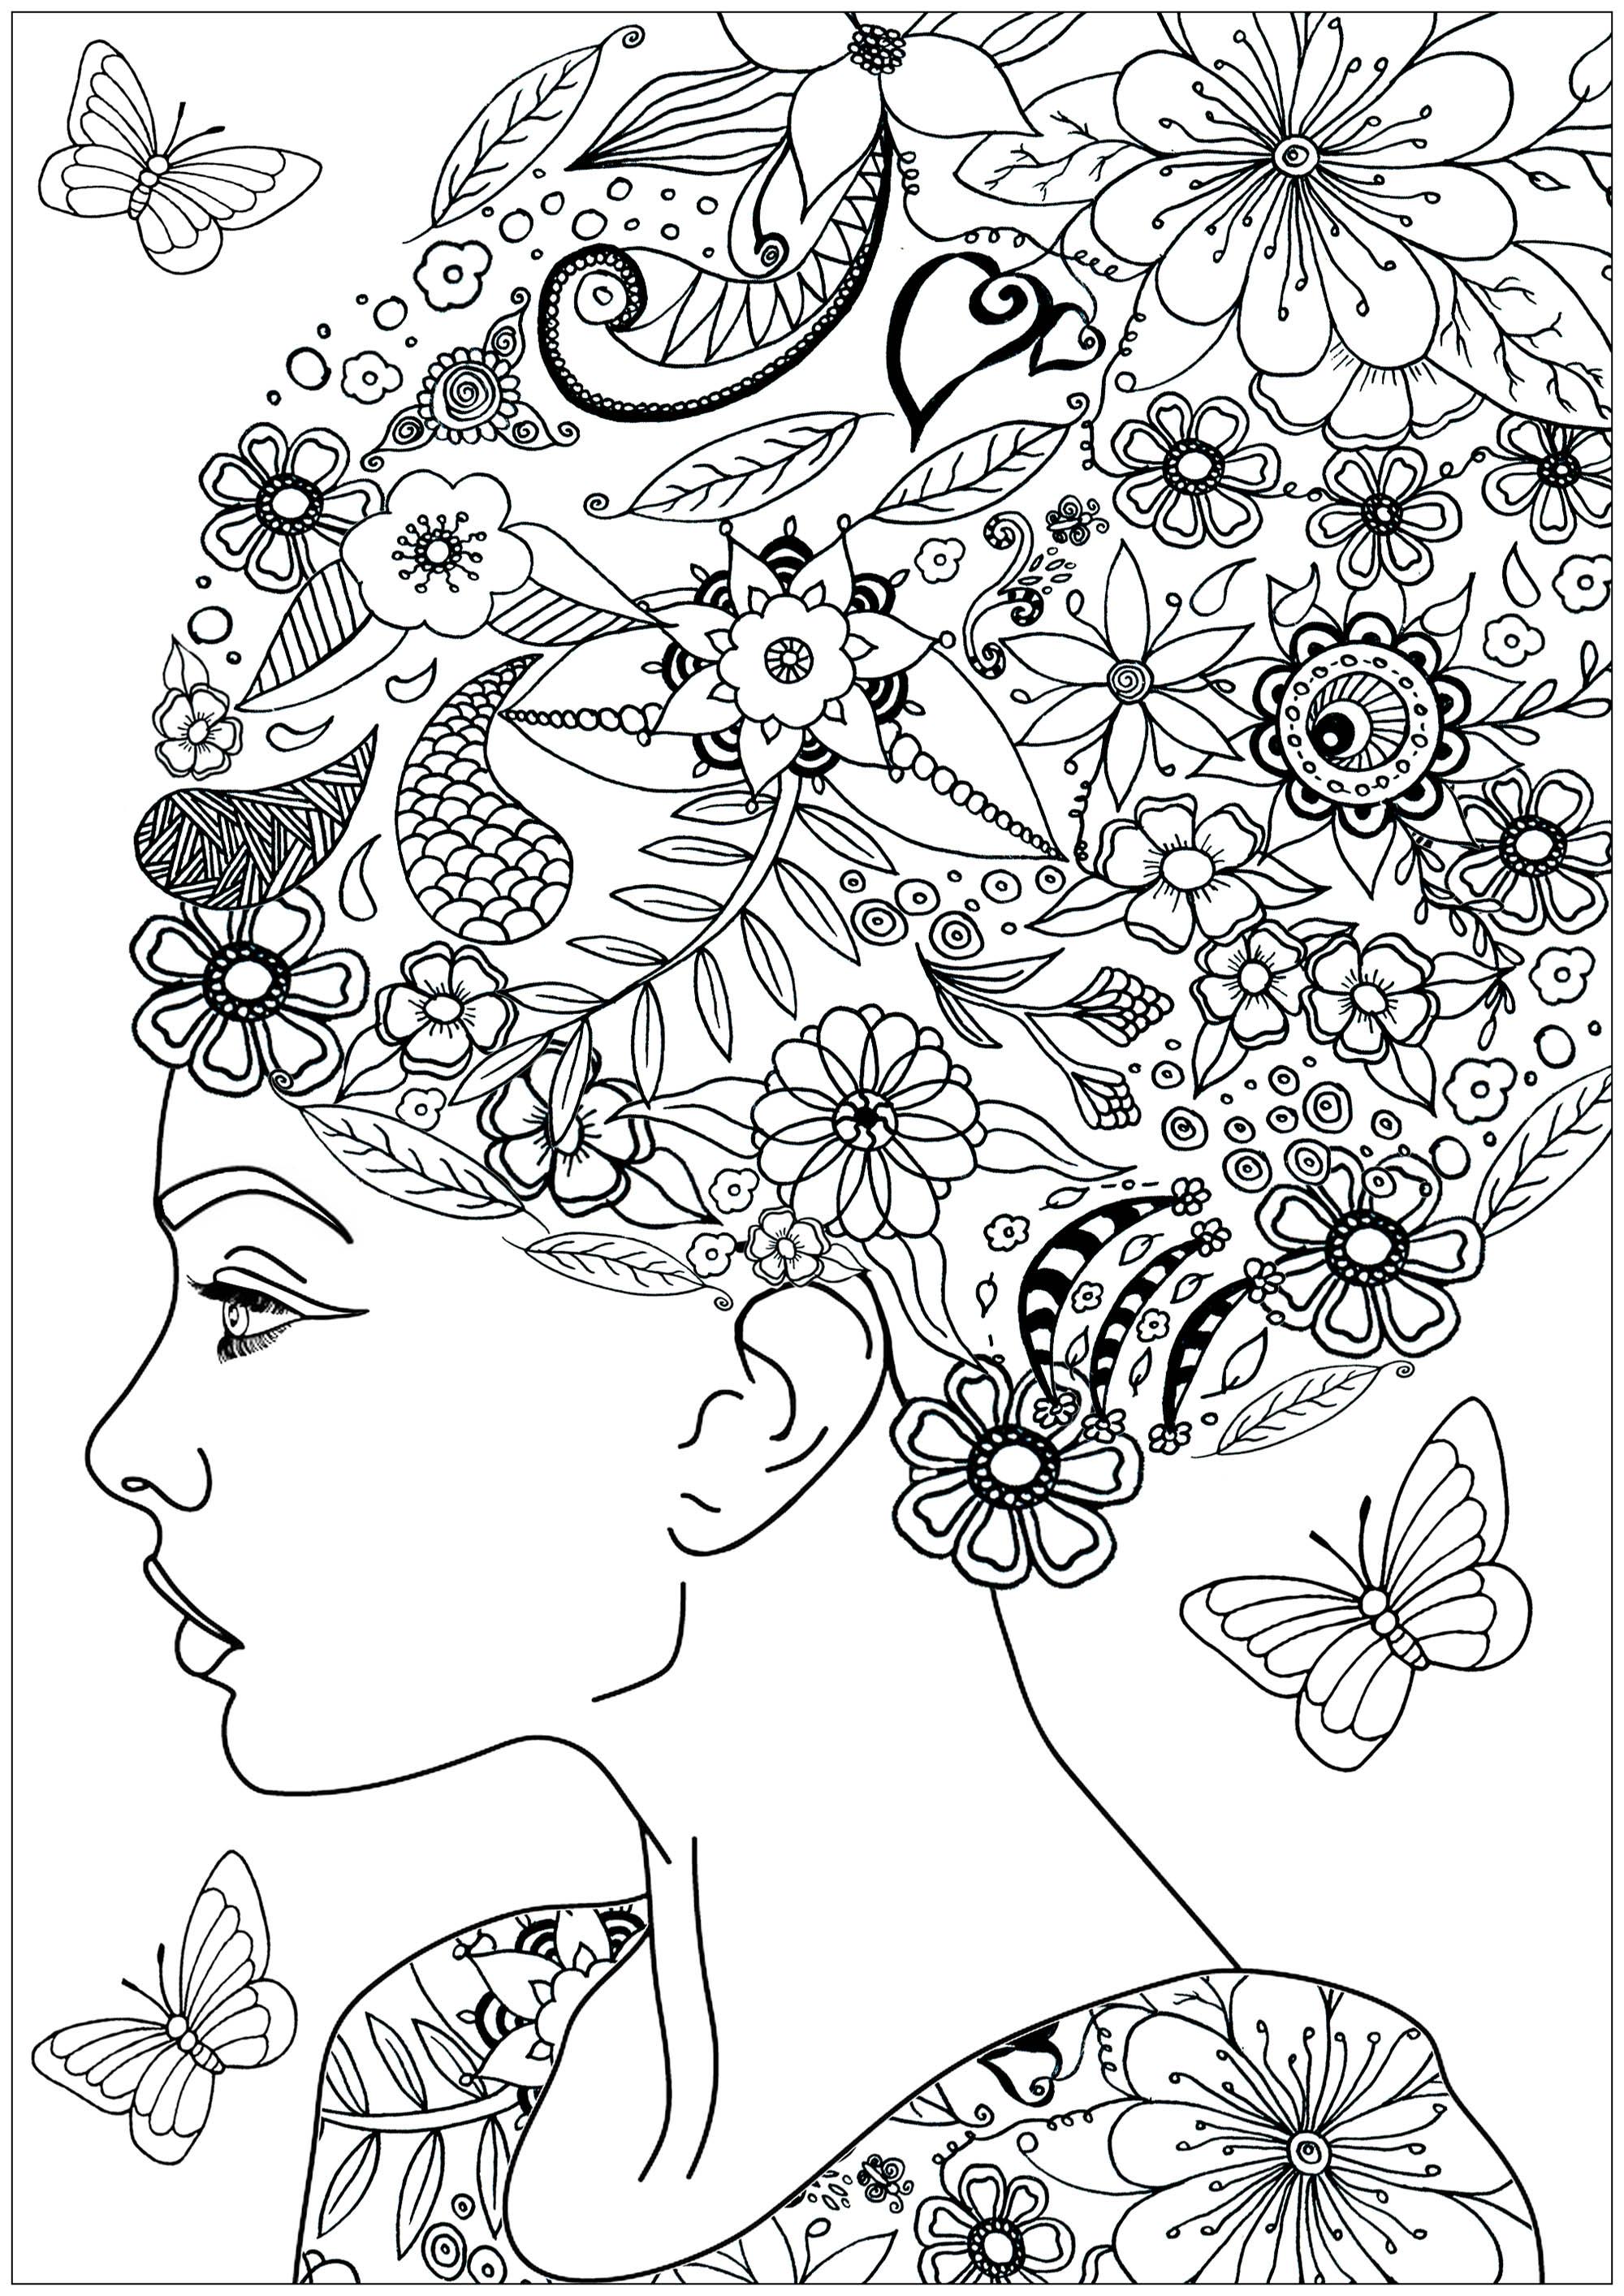 Coloriez les belles fleurs et feuilles dans les cheveux de cette femme ... ainsi que les papillons qui volent autour d'elle